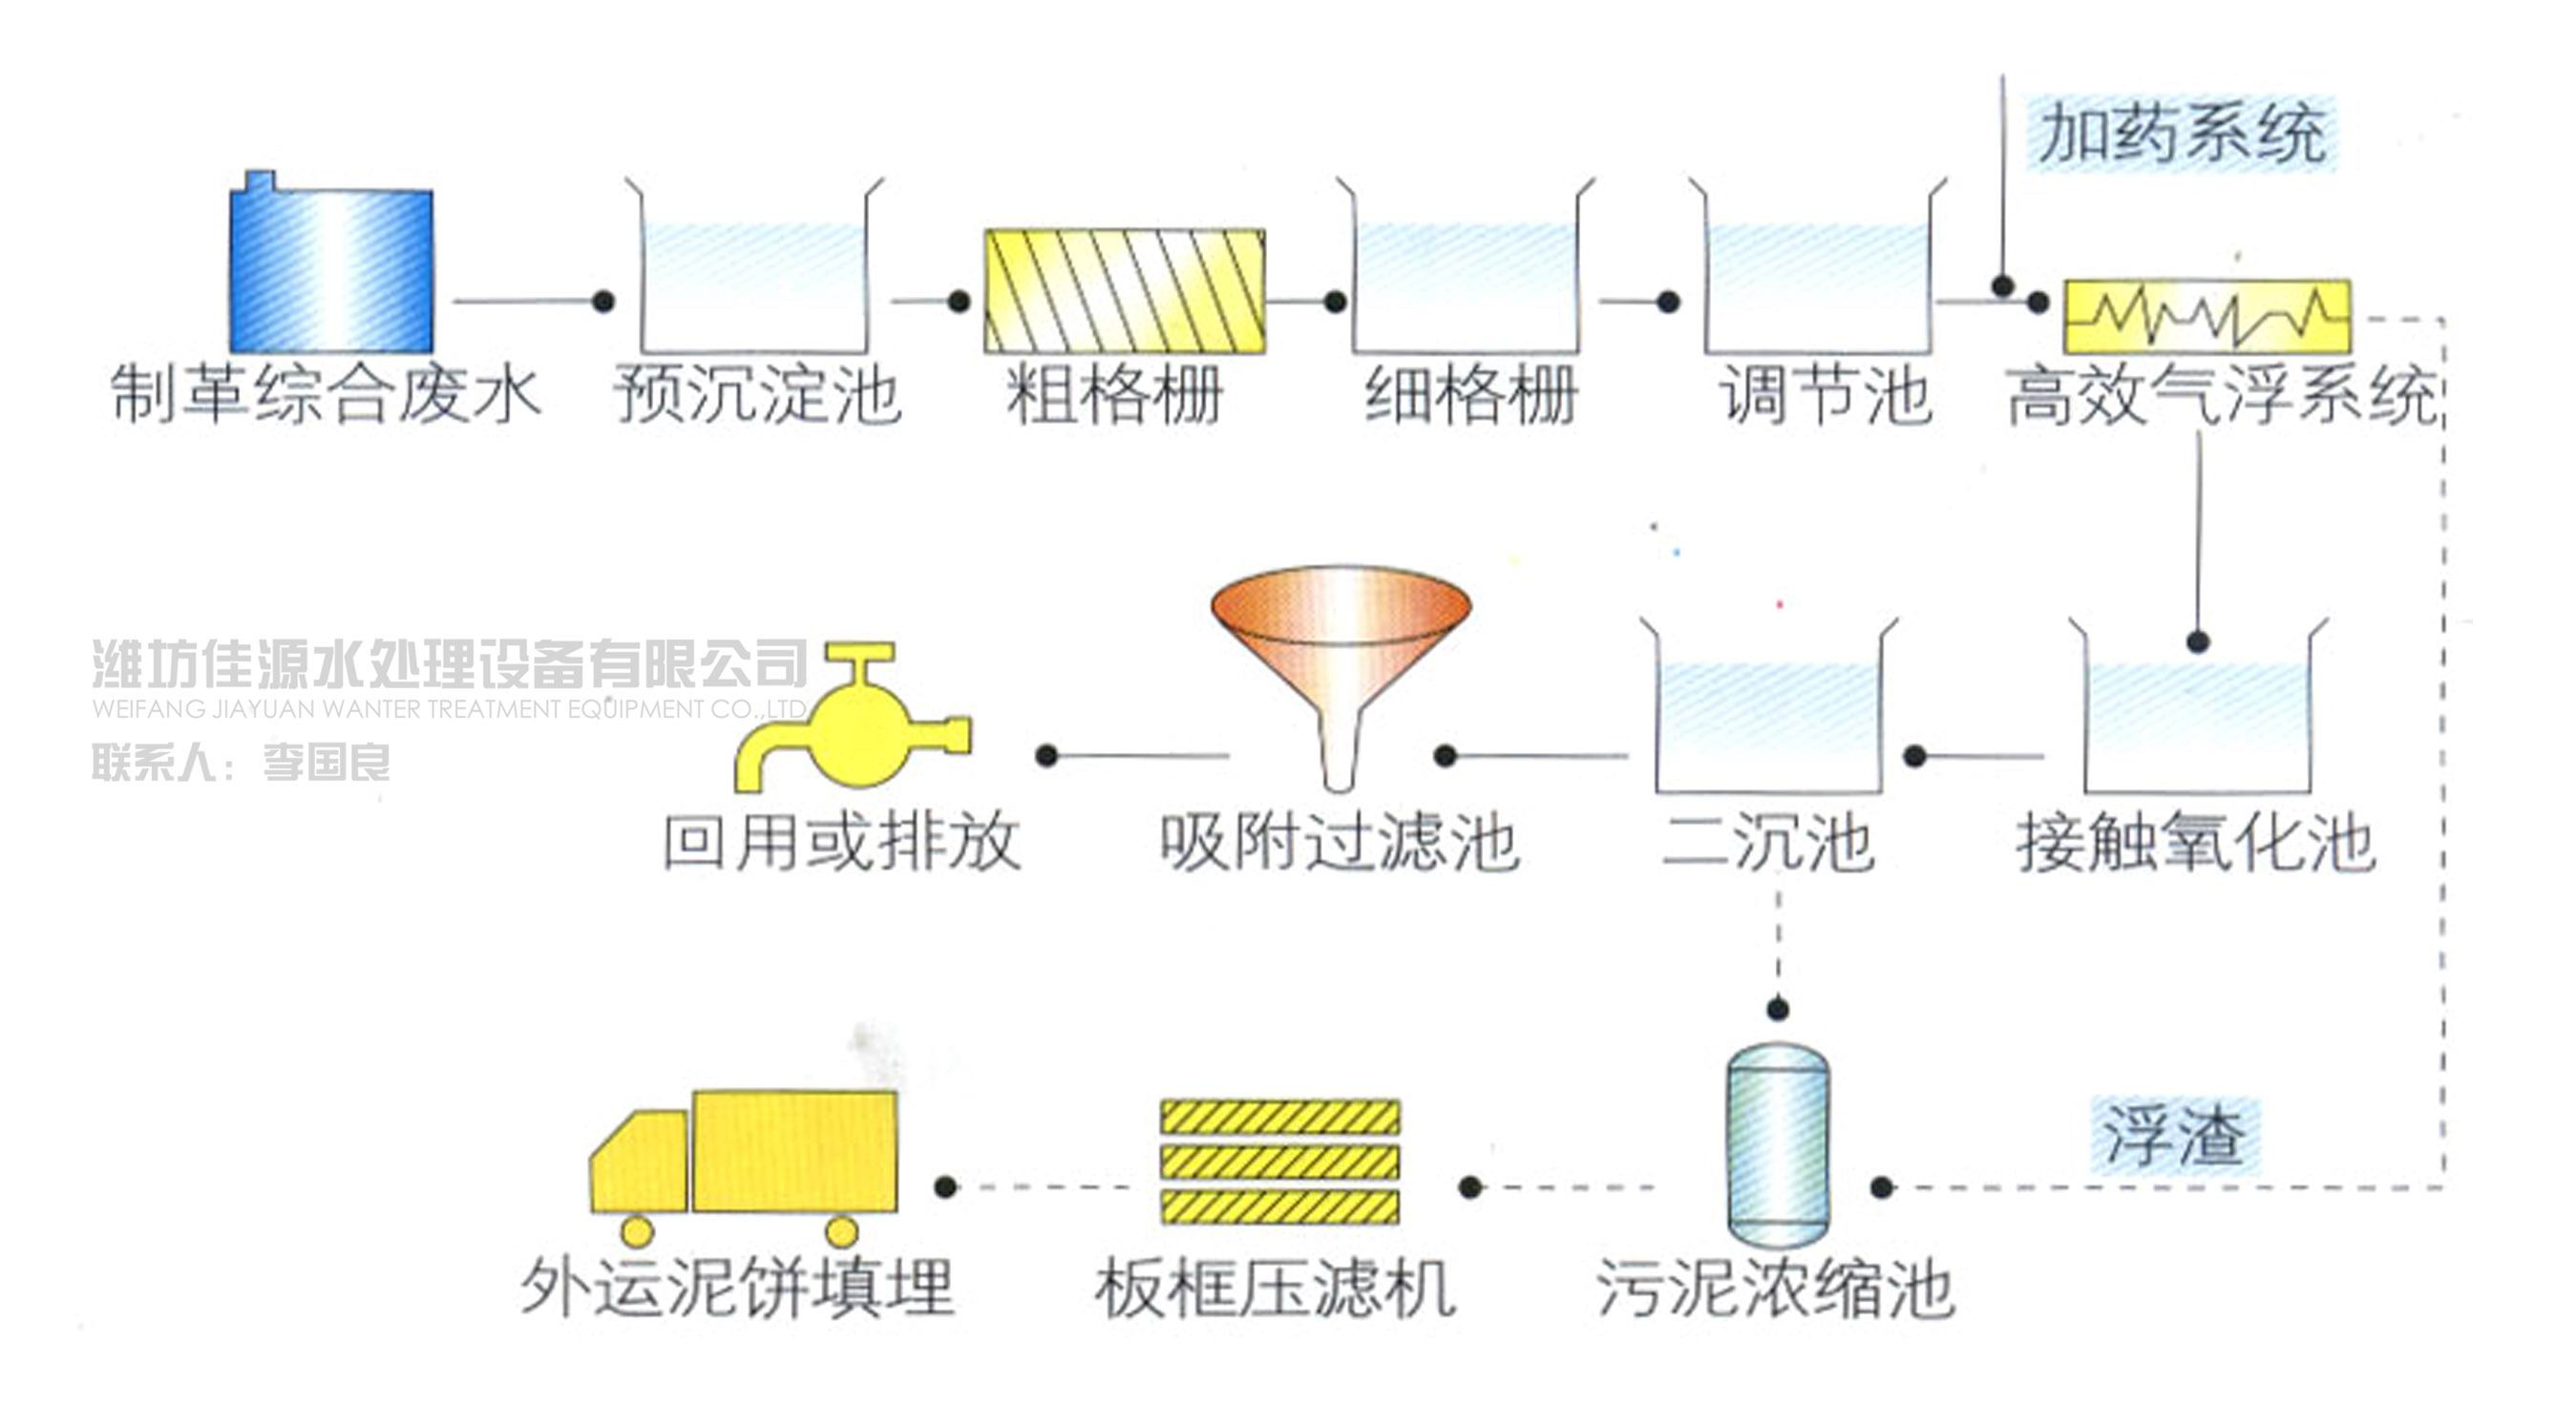 制革废水处理工艺流程废水处理方案_污水处理成套设备